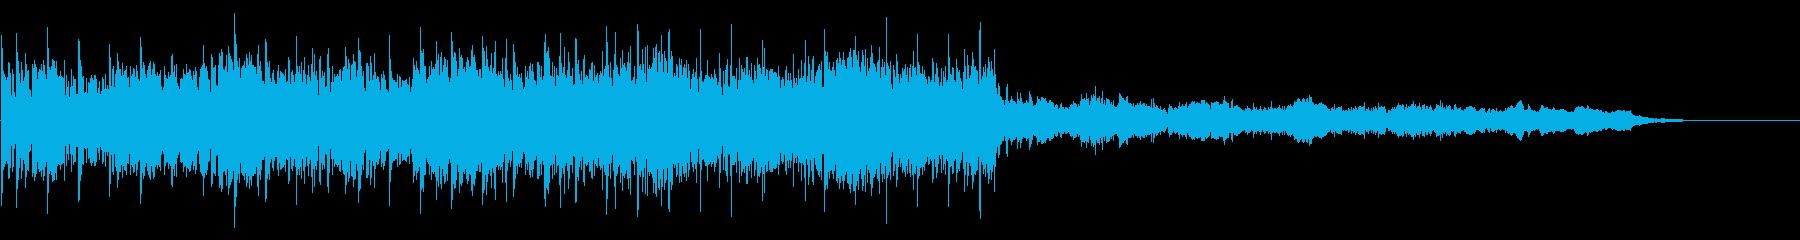 焦燥感のあるBGMの再生済みの波形